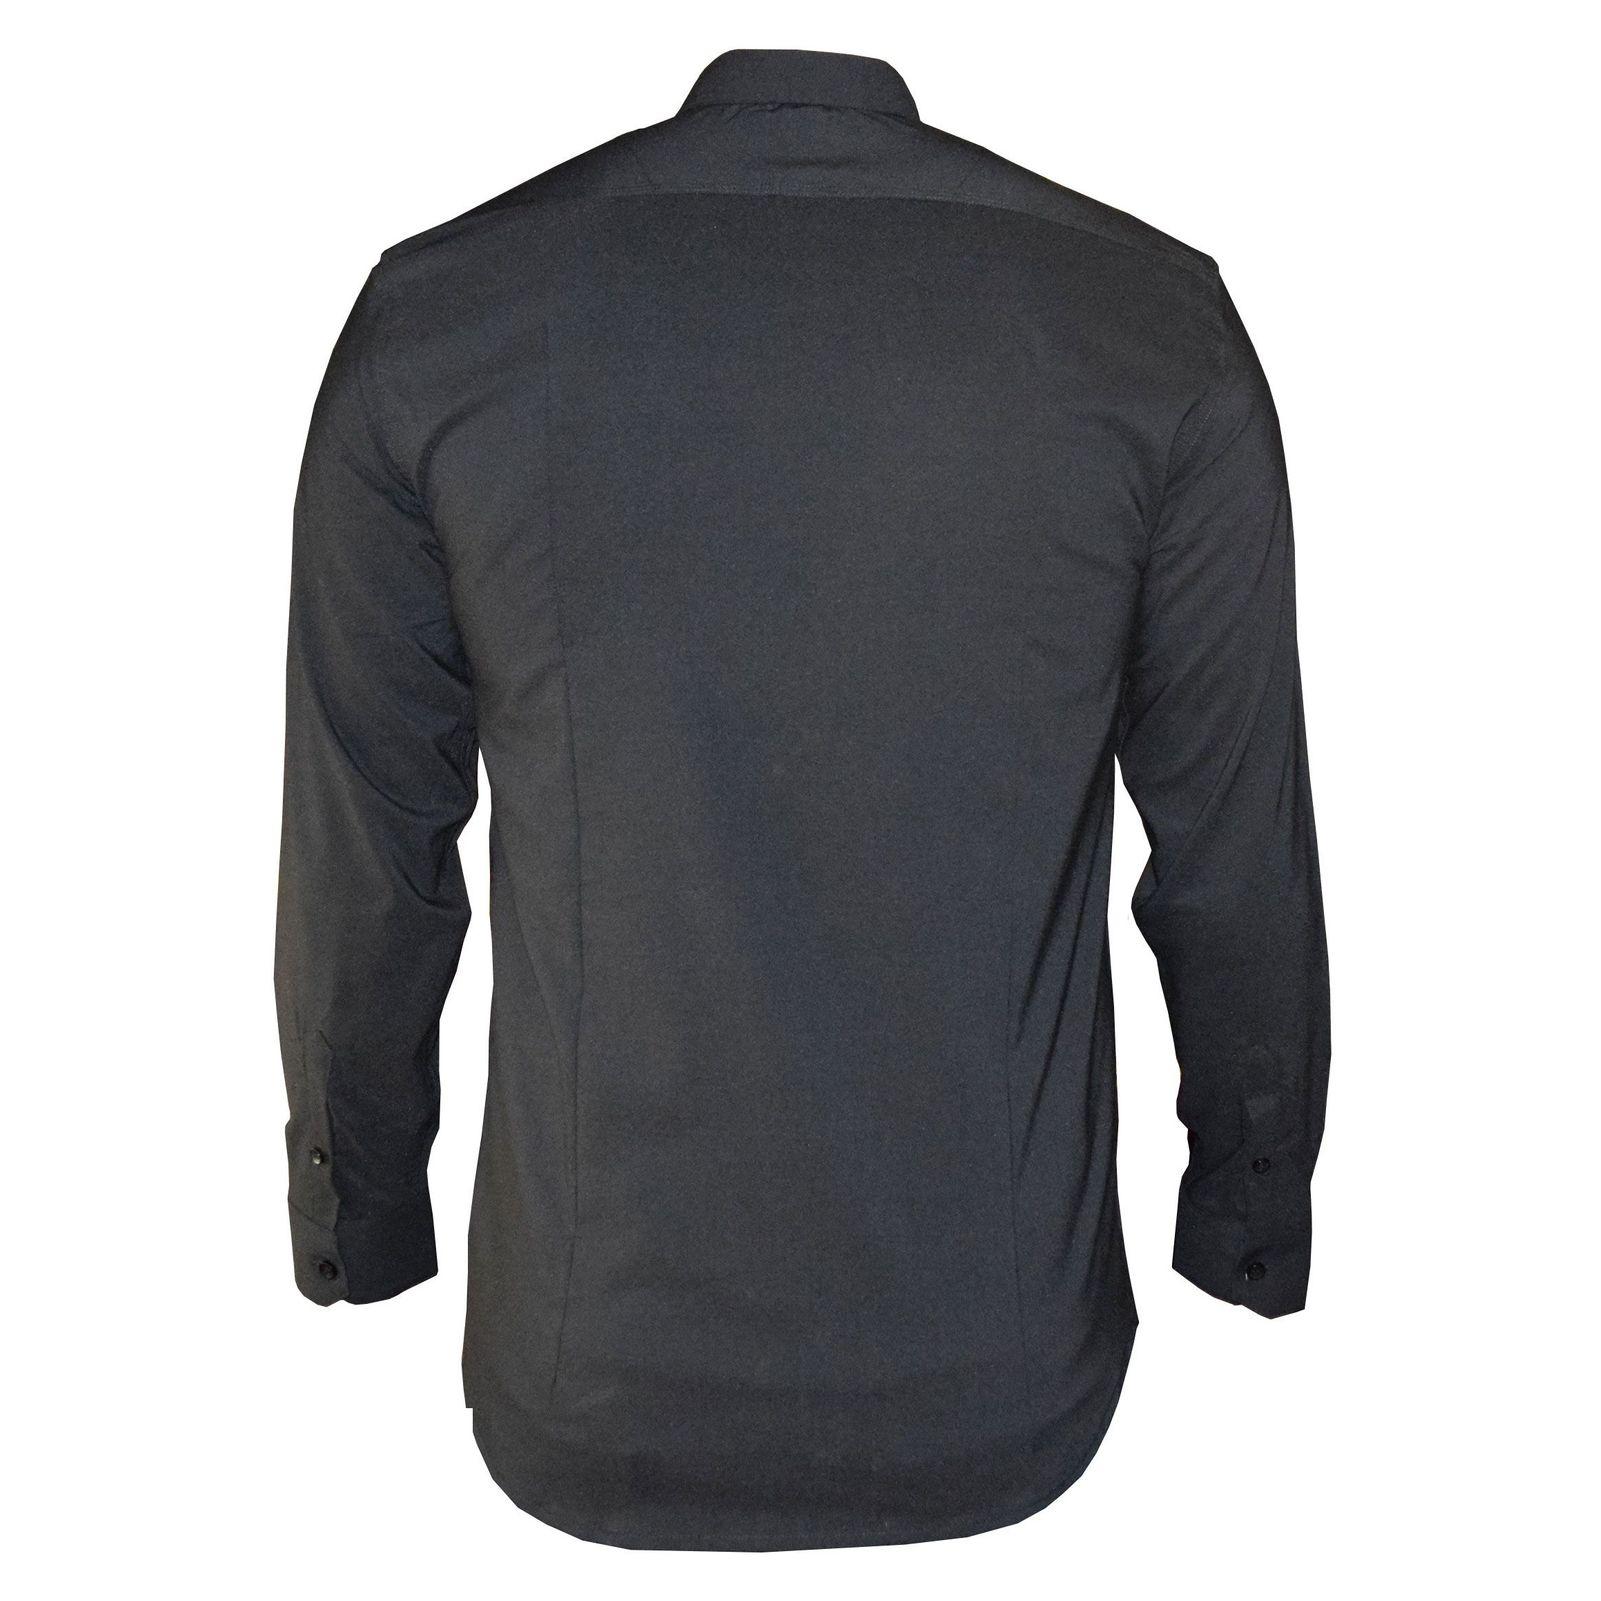 پیراهن مردانه پایتی جامه کد 1944335 main 1 5